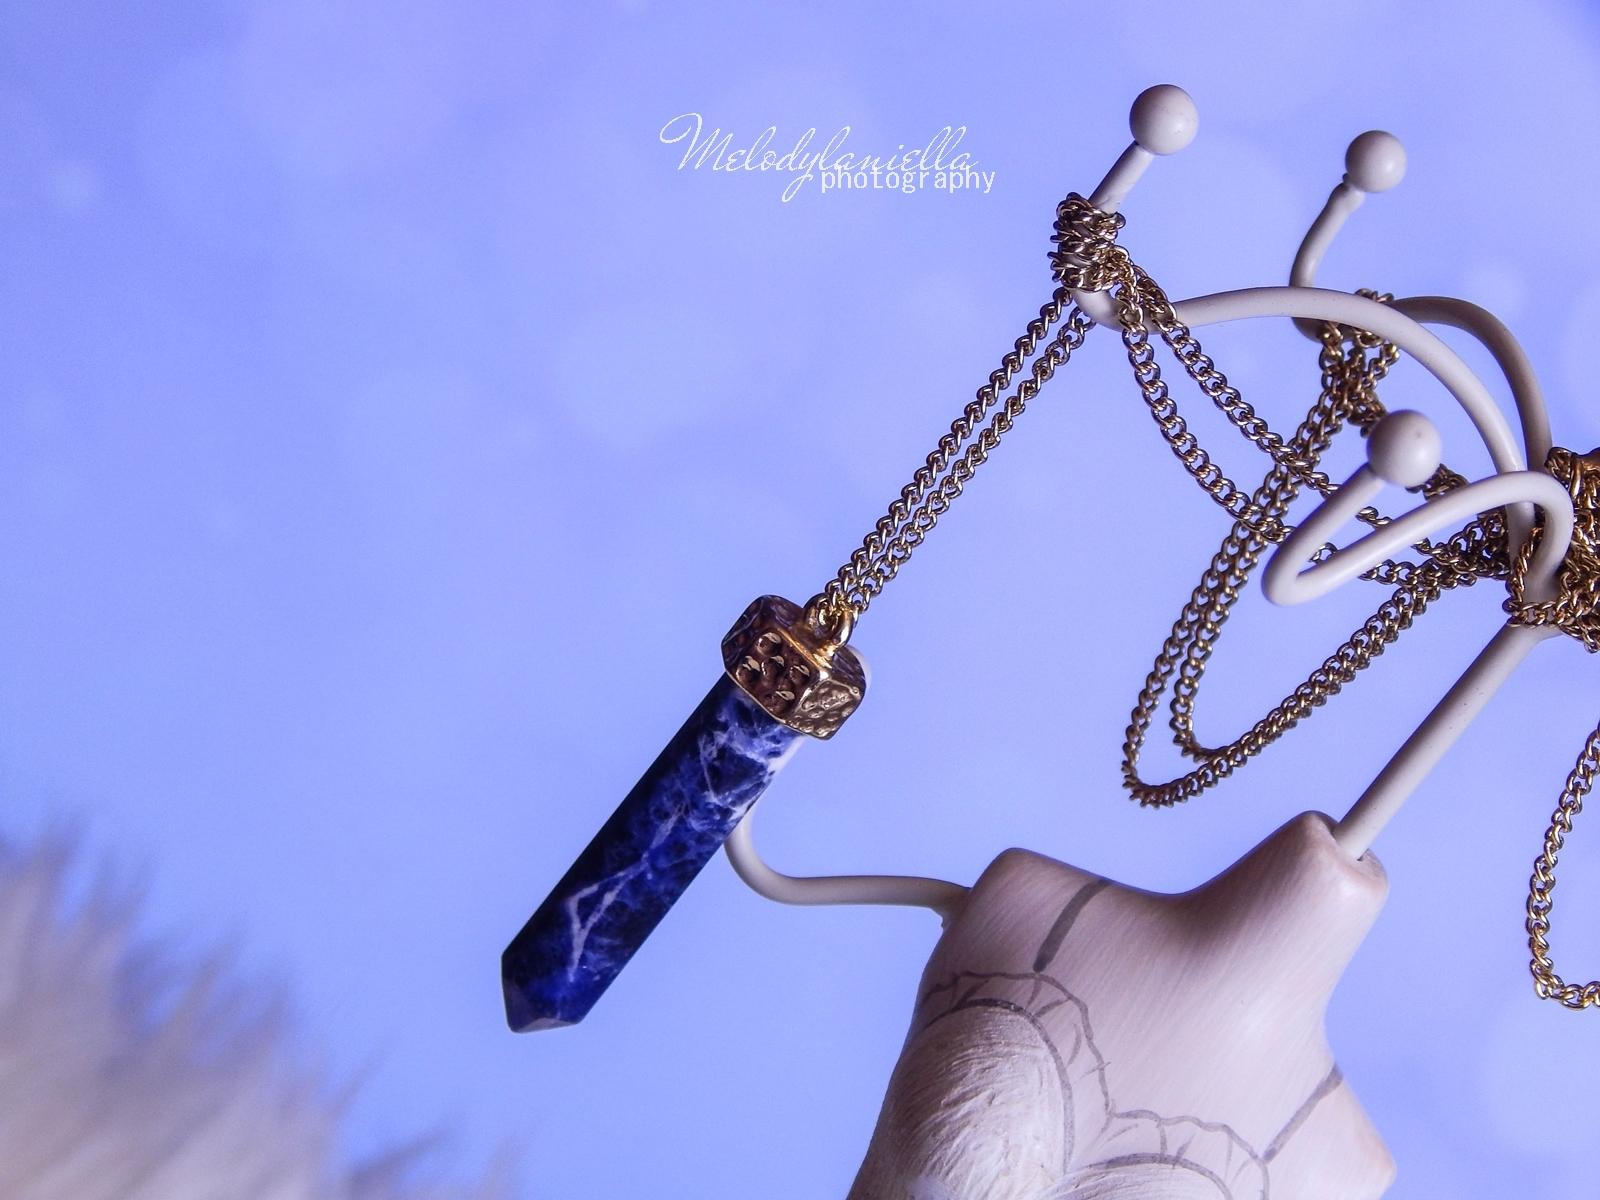 4 Biżuteria z chińskich sklepów sammydress kolczyk nausznica naszyjnik wisiorki z kryształkiem świąteczna biżuteria ciekawe dodatki stylowe zegarki pióra choker chokery złoty srebrny złoto srebro obelisk